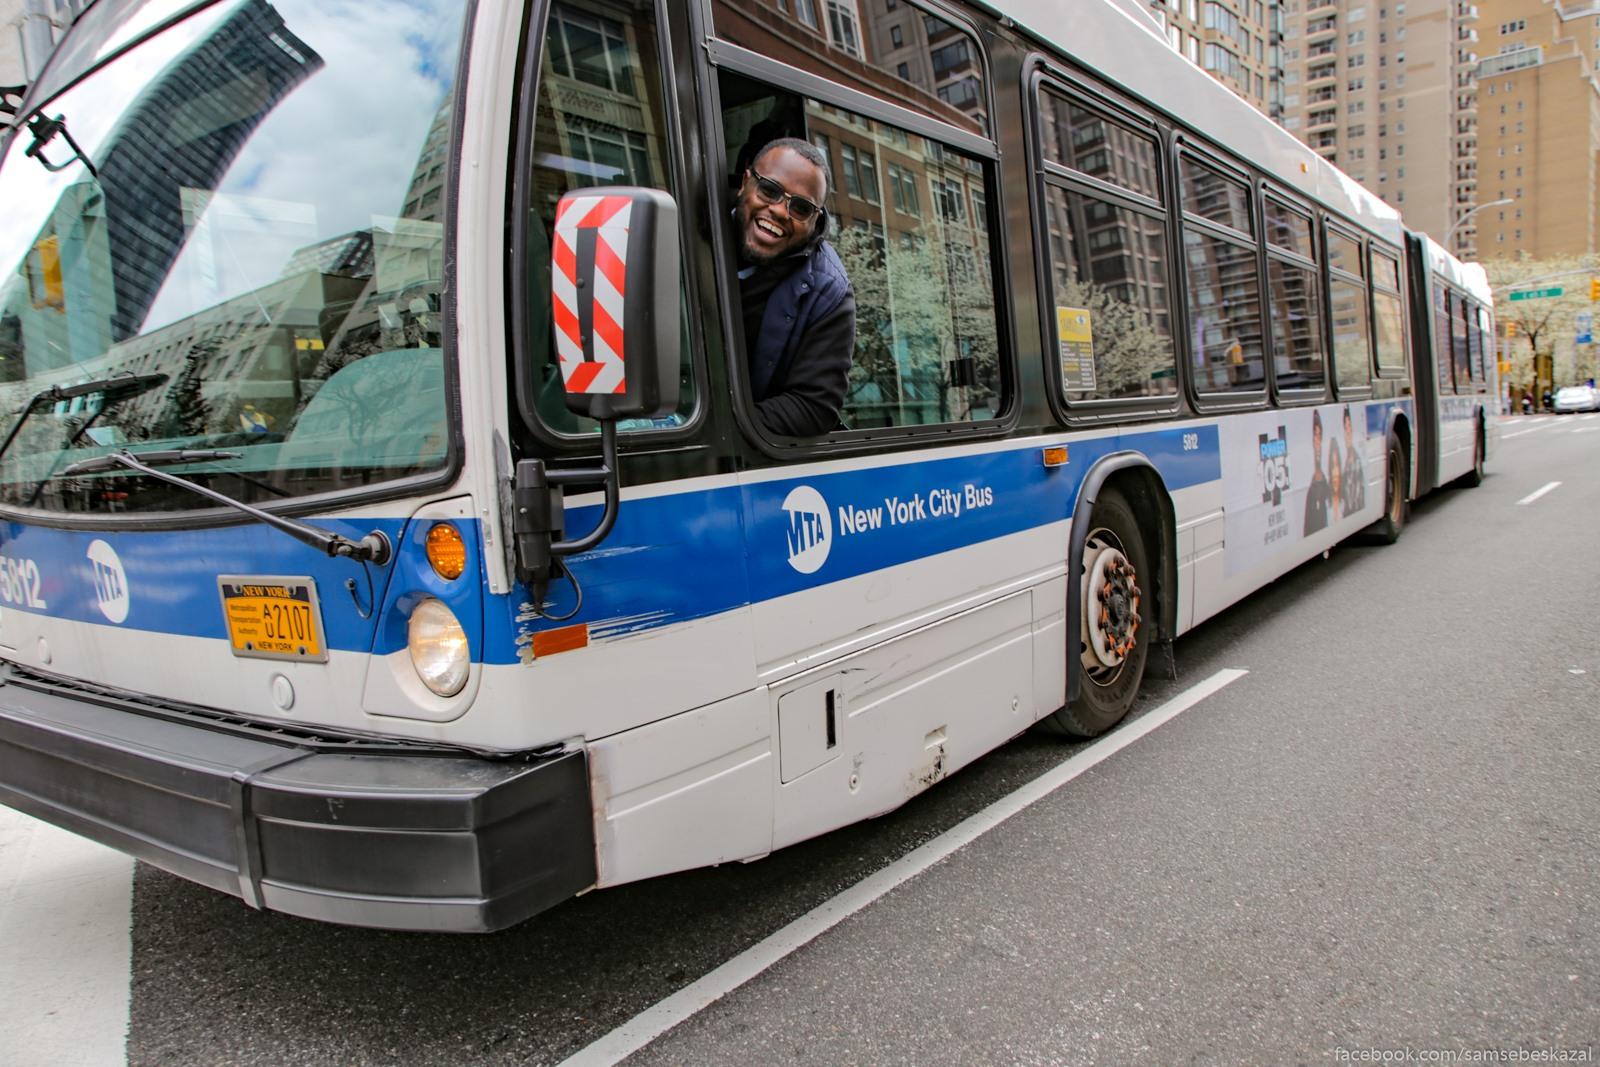 Sel po pustoj ulice, a tut mimo avtobus edet i voditelʹ iz okna takoj - ej, drug, cto za kamera!?Okazalosʹ, cto toze fotograf :)